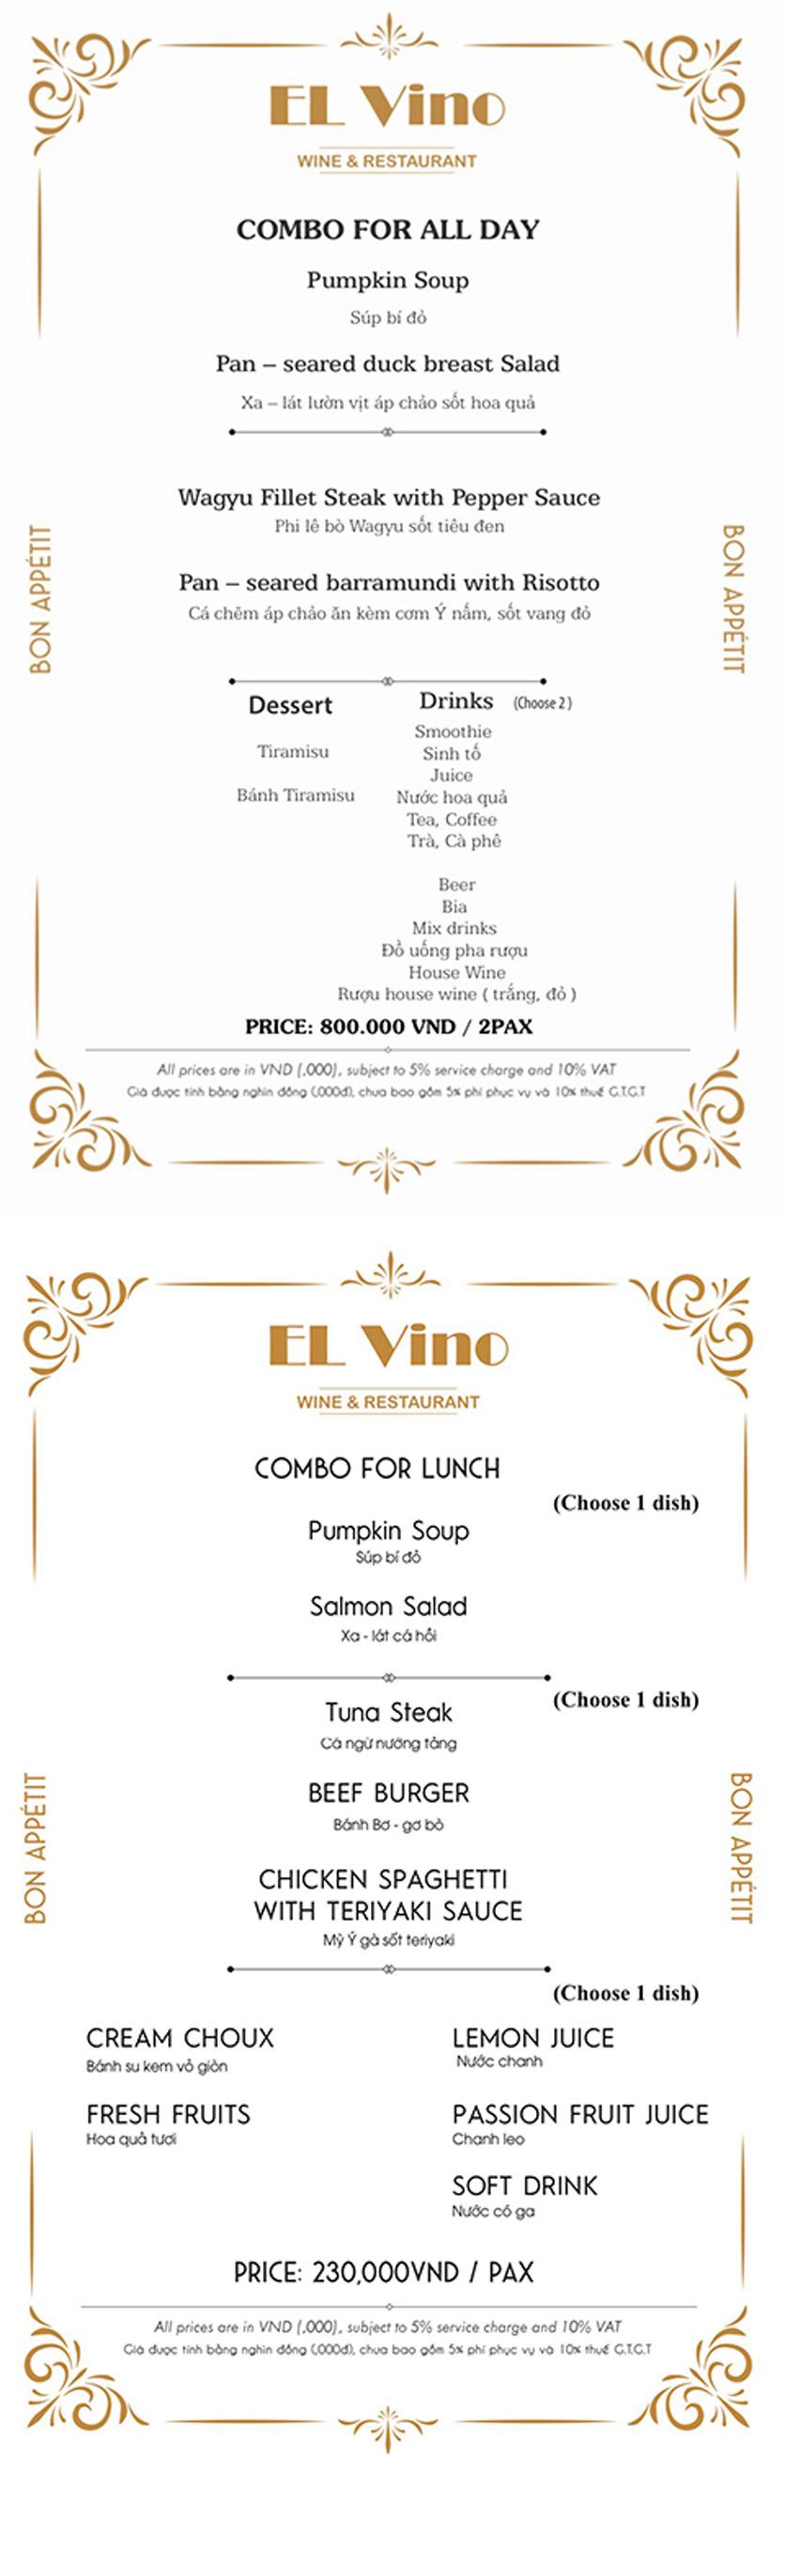 Menu El Vino Wine & Restaurant - Quảng An 2